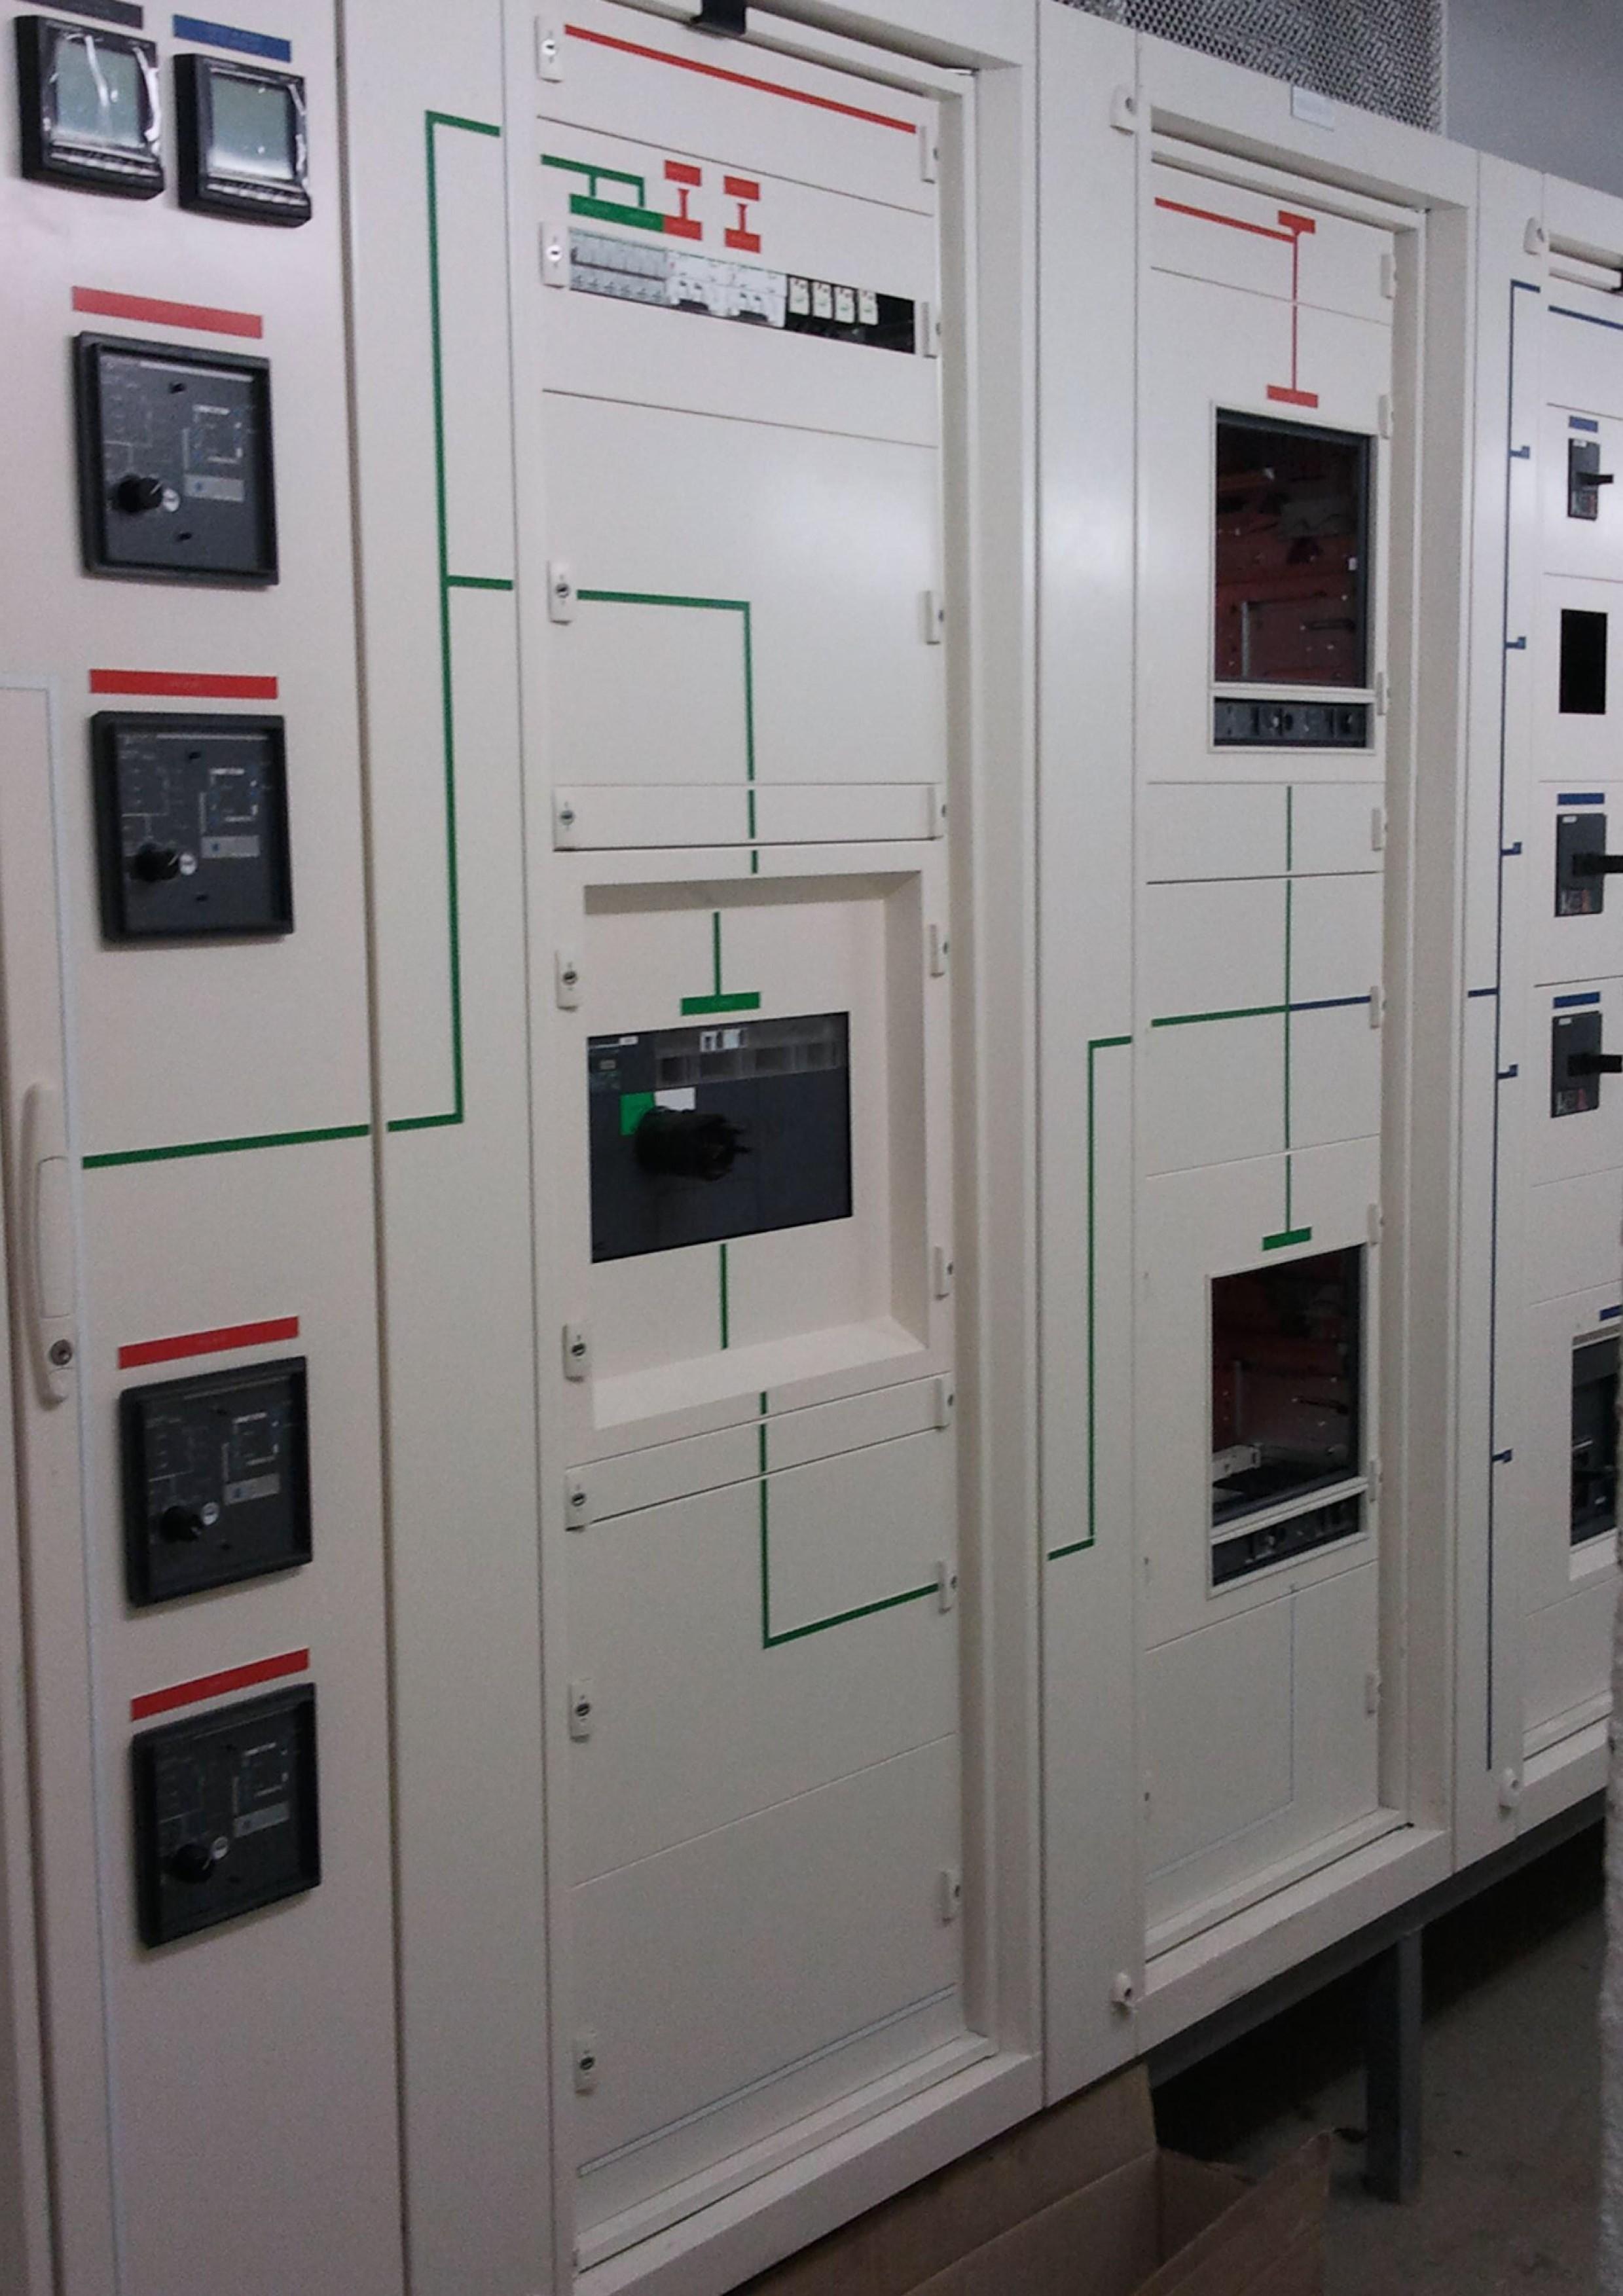 Livraison armoire lectrique paca coffret lectrique scv - Coffret armoire electrique ...